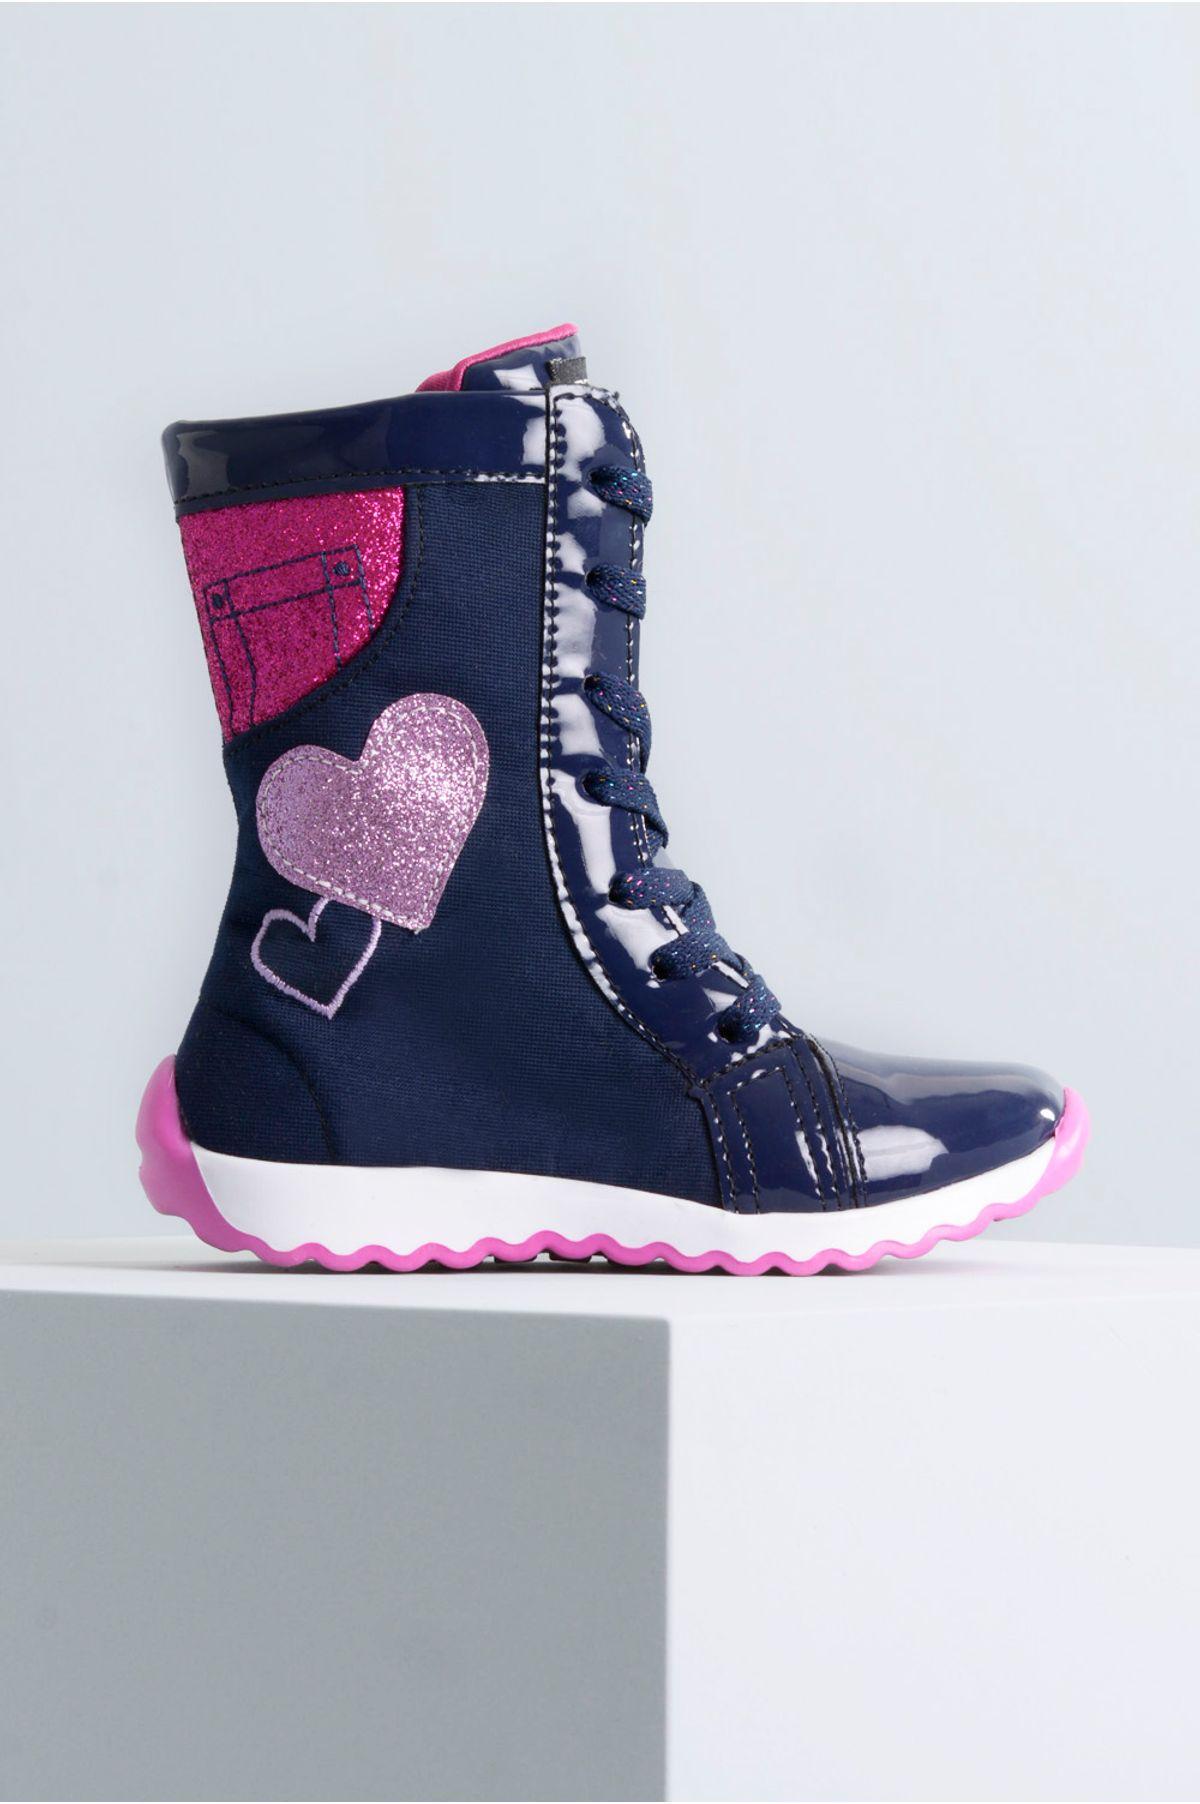 e17bd0f5b43 Bota Infantil Bia Beehappy TEC - MARINHO - Mundial Calçados